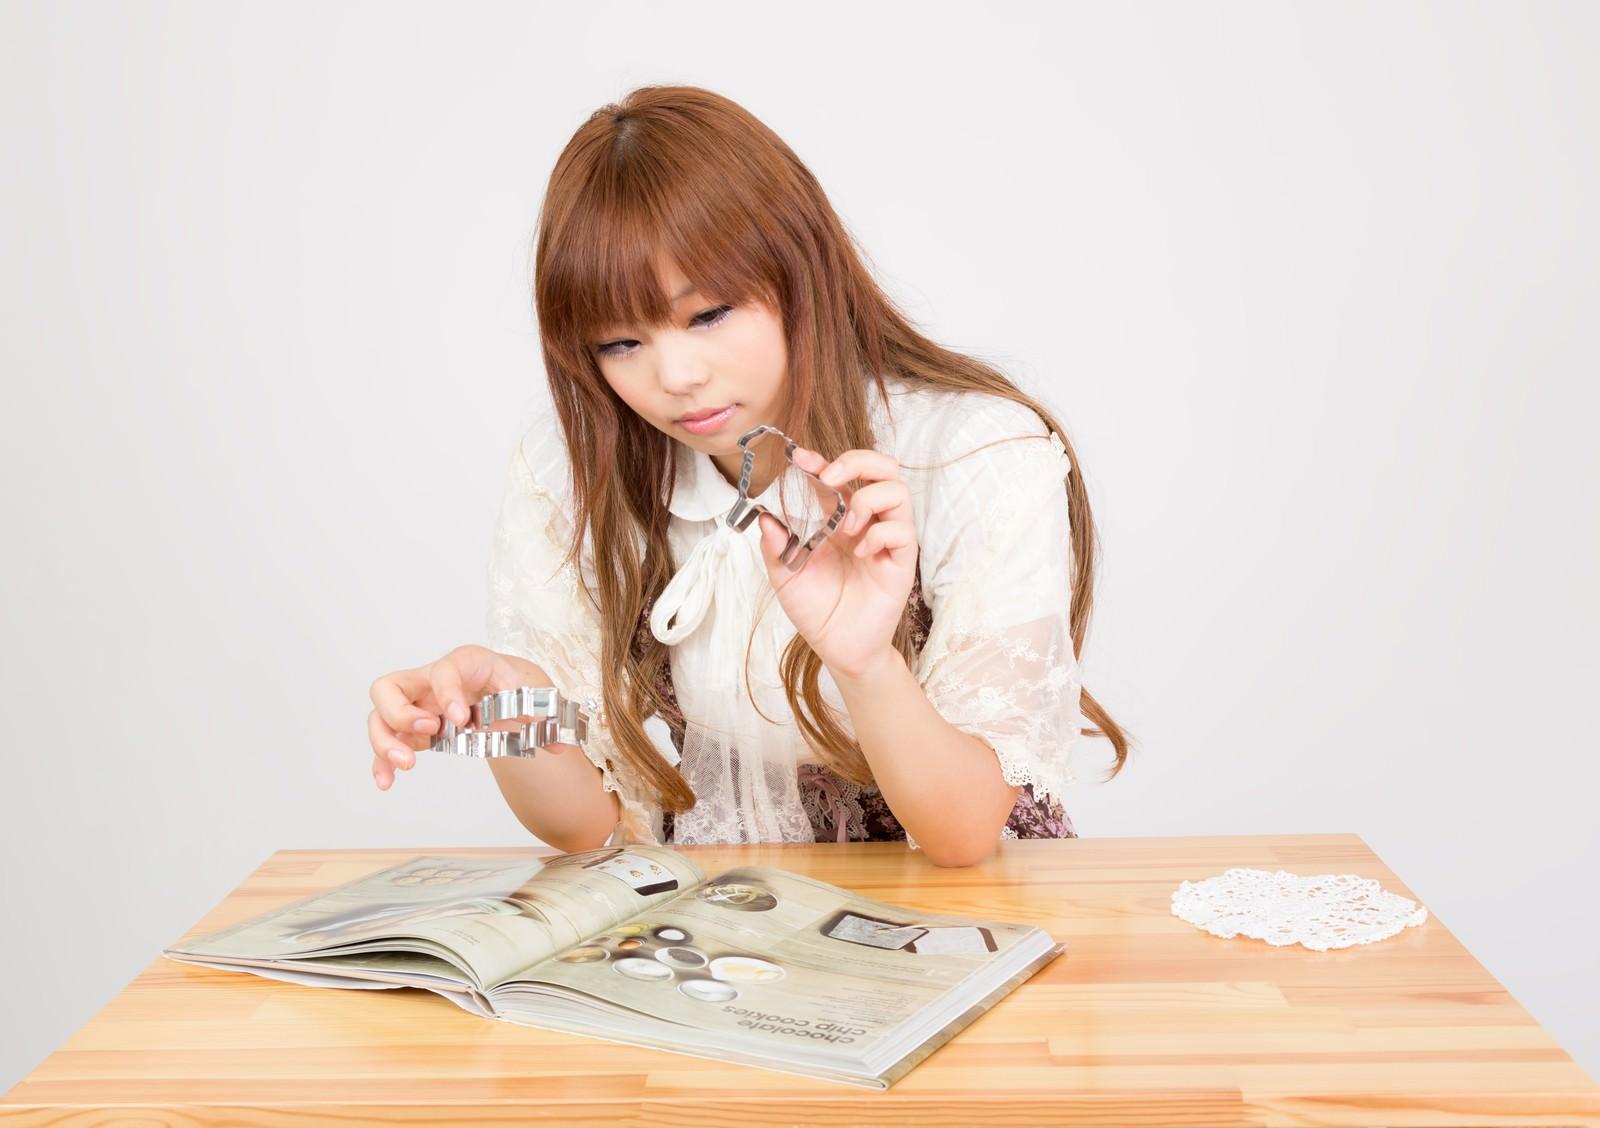 「お菓子作りの女の子」の写真[モデル:あみ]